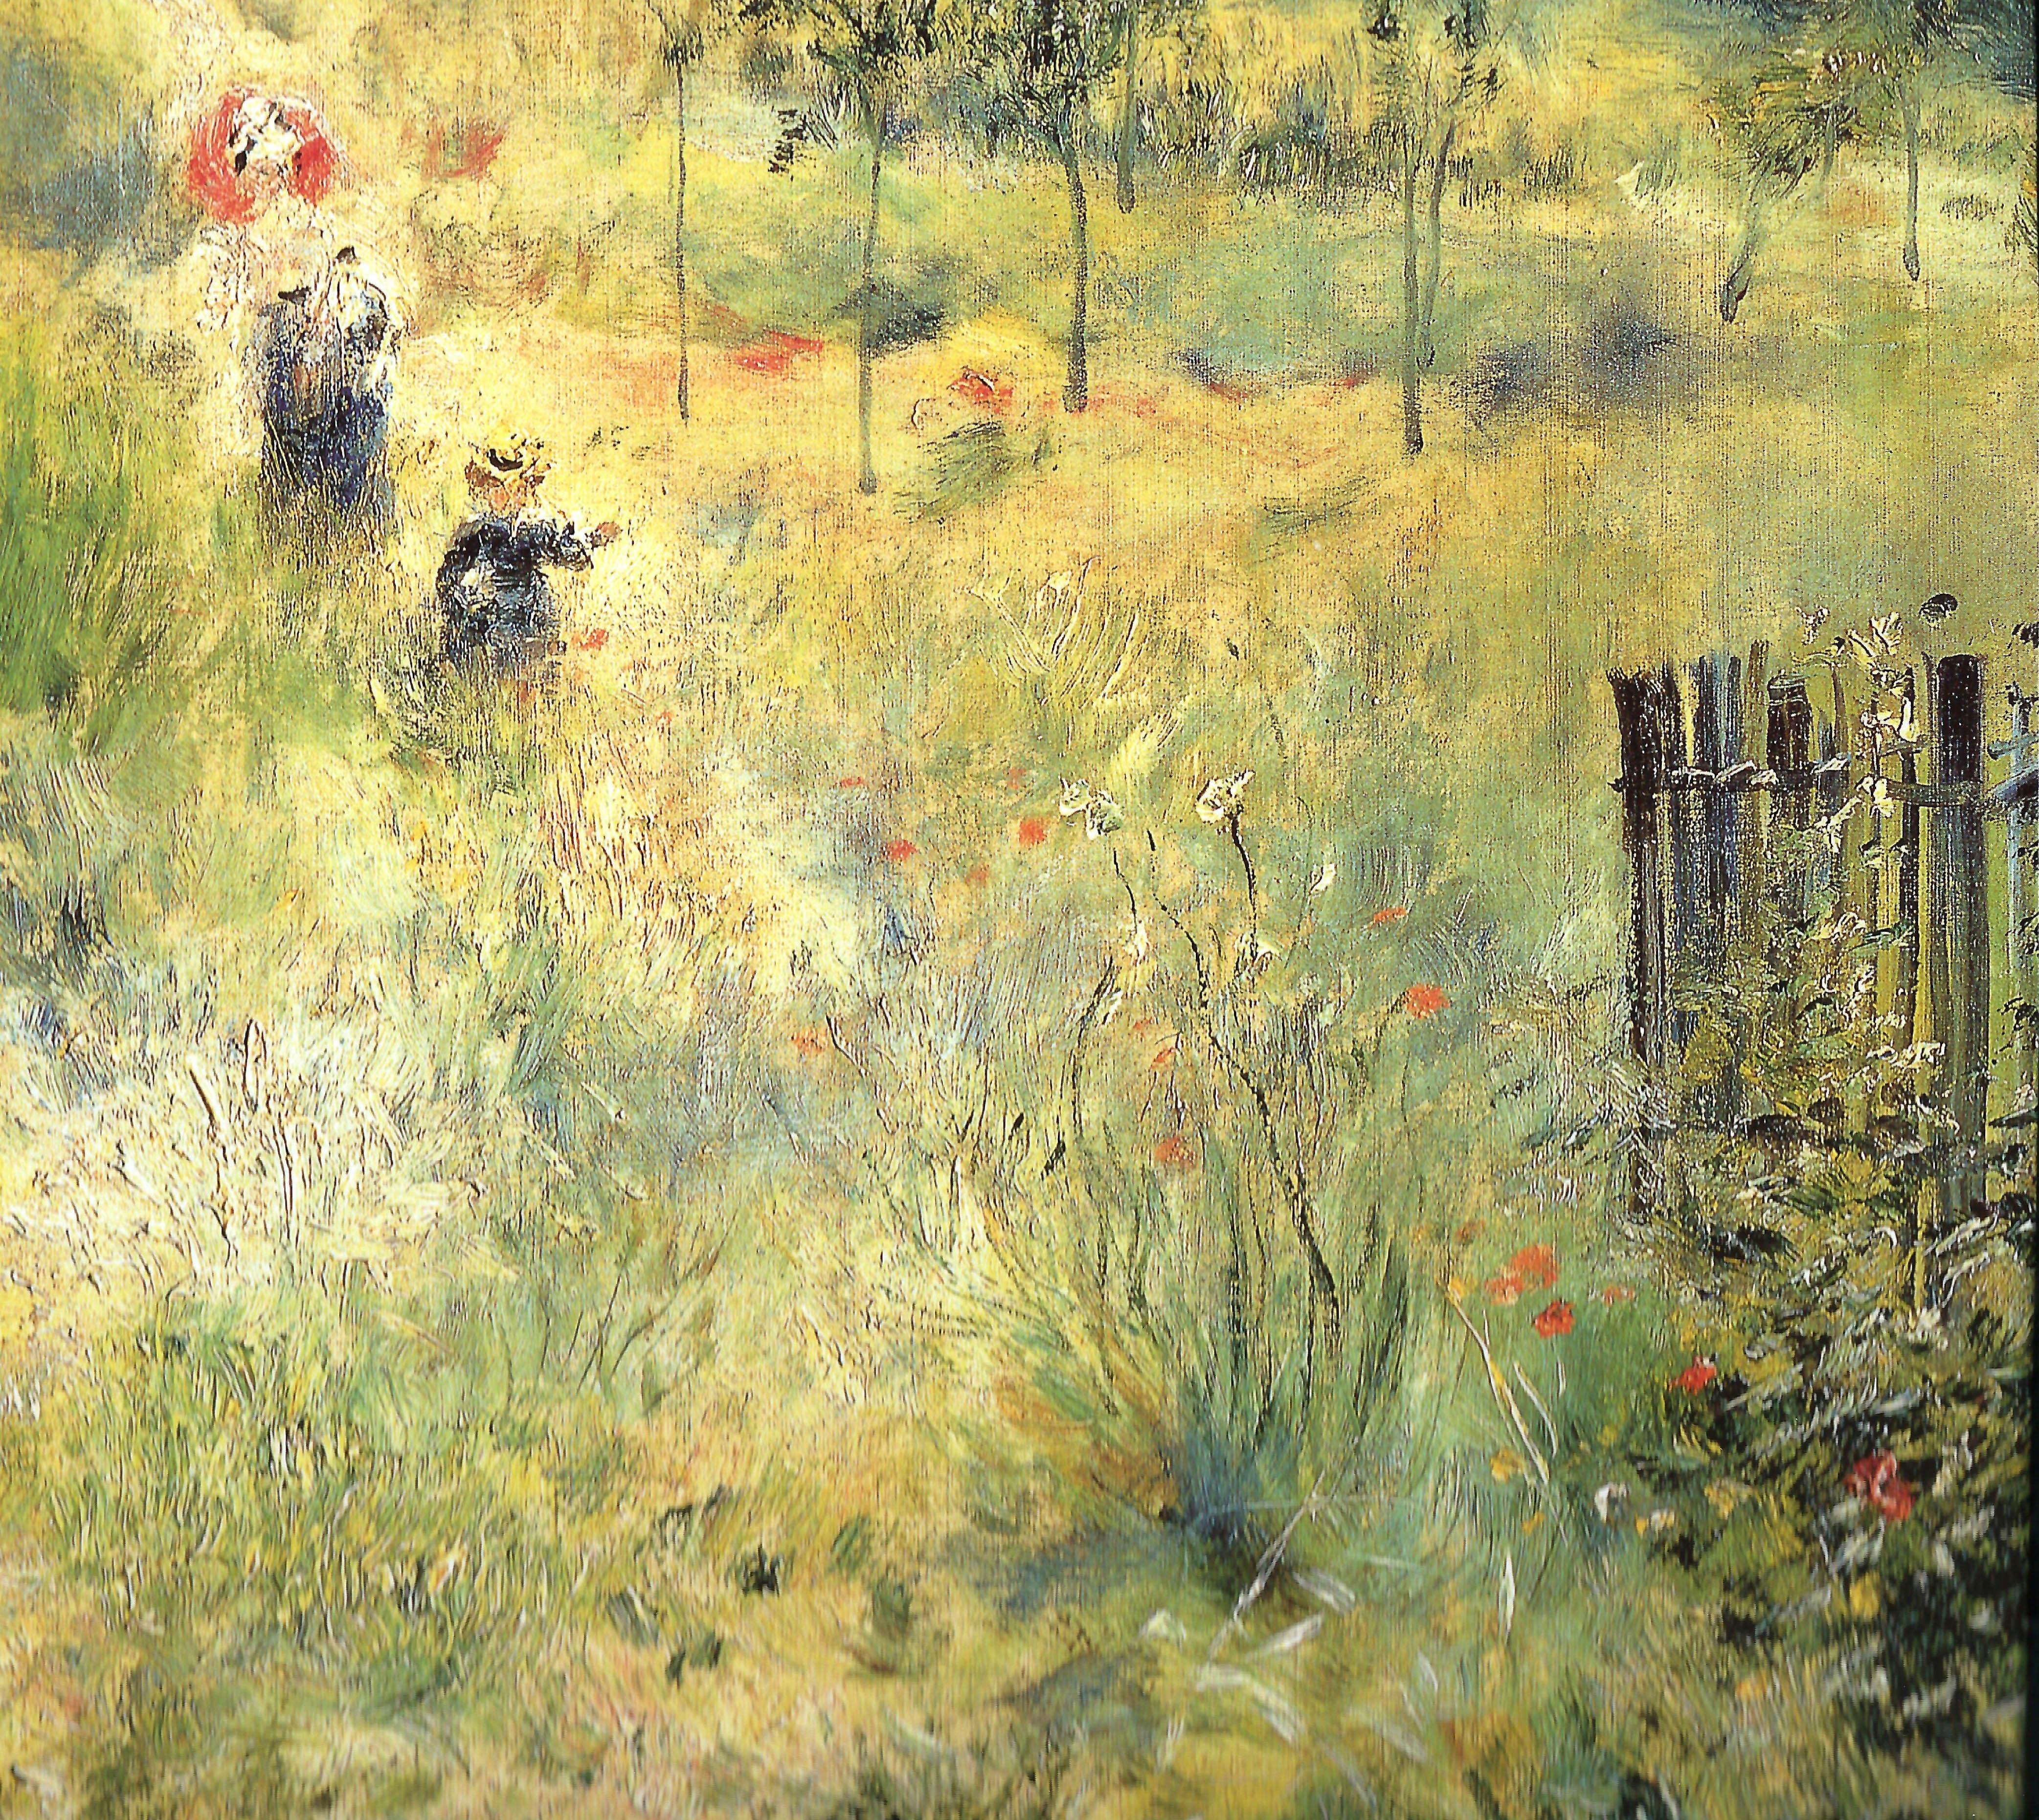 Художник Ренуар Renoir Тропинка в высокой траве Chemin montant dans les hautes herbes пейзажи природы Альберт Сафиуллин